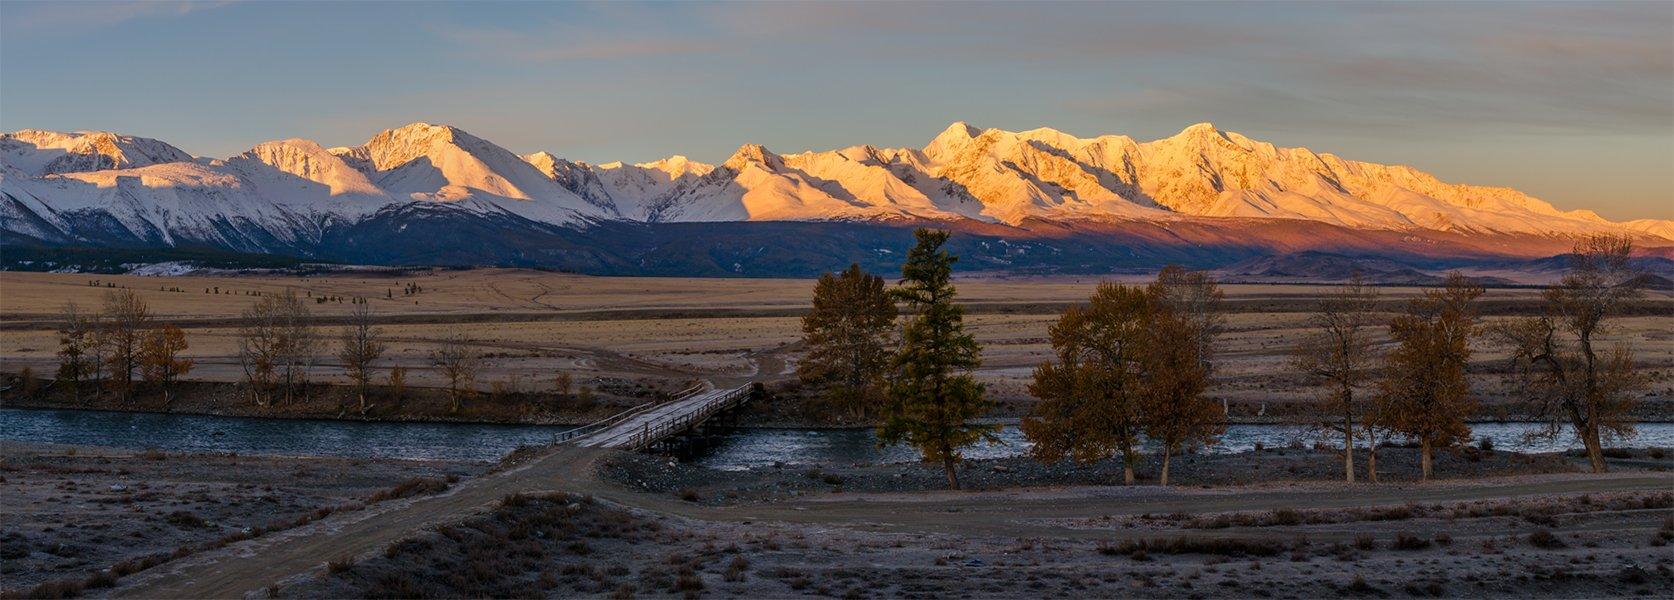 природа, пейзаж, алтай, горы, осень, река, чуя, панорама, сибирь, степь, вершины, хребет, курай, утро, восход, рассвет, мост, Альберт Беляев